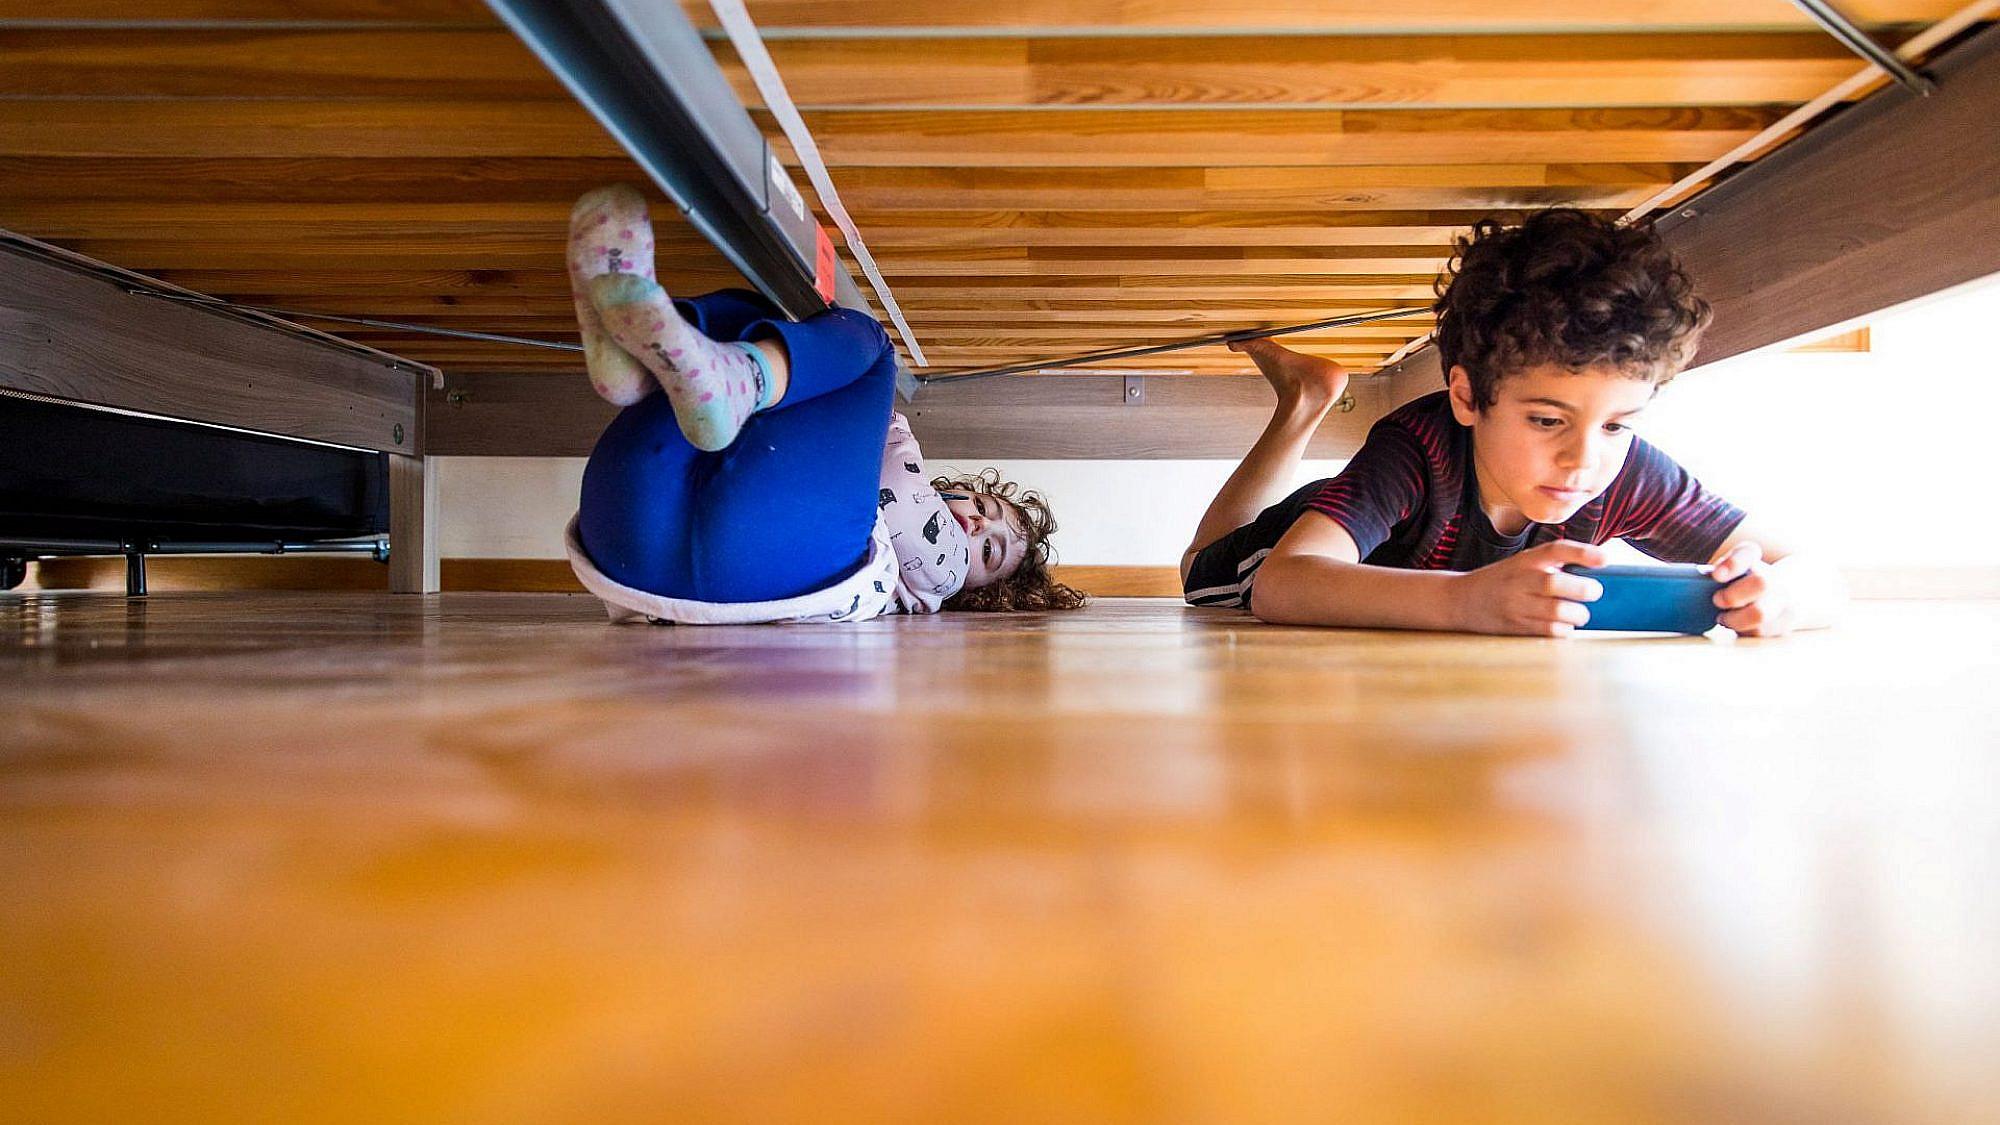 מאה סנטימטר מתחת למיטה. צילום: דין אהרוני רולנד, ארסוף